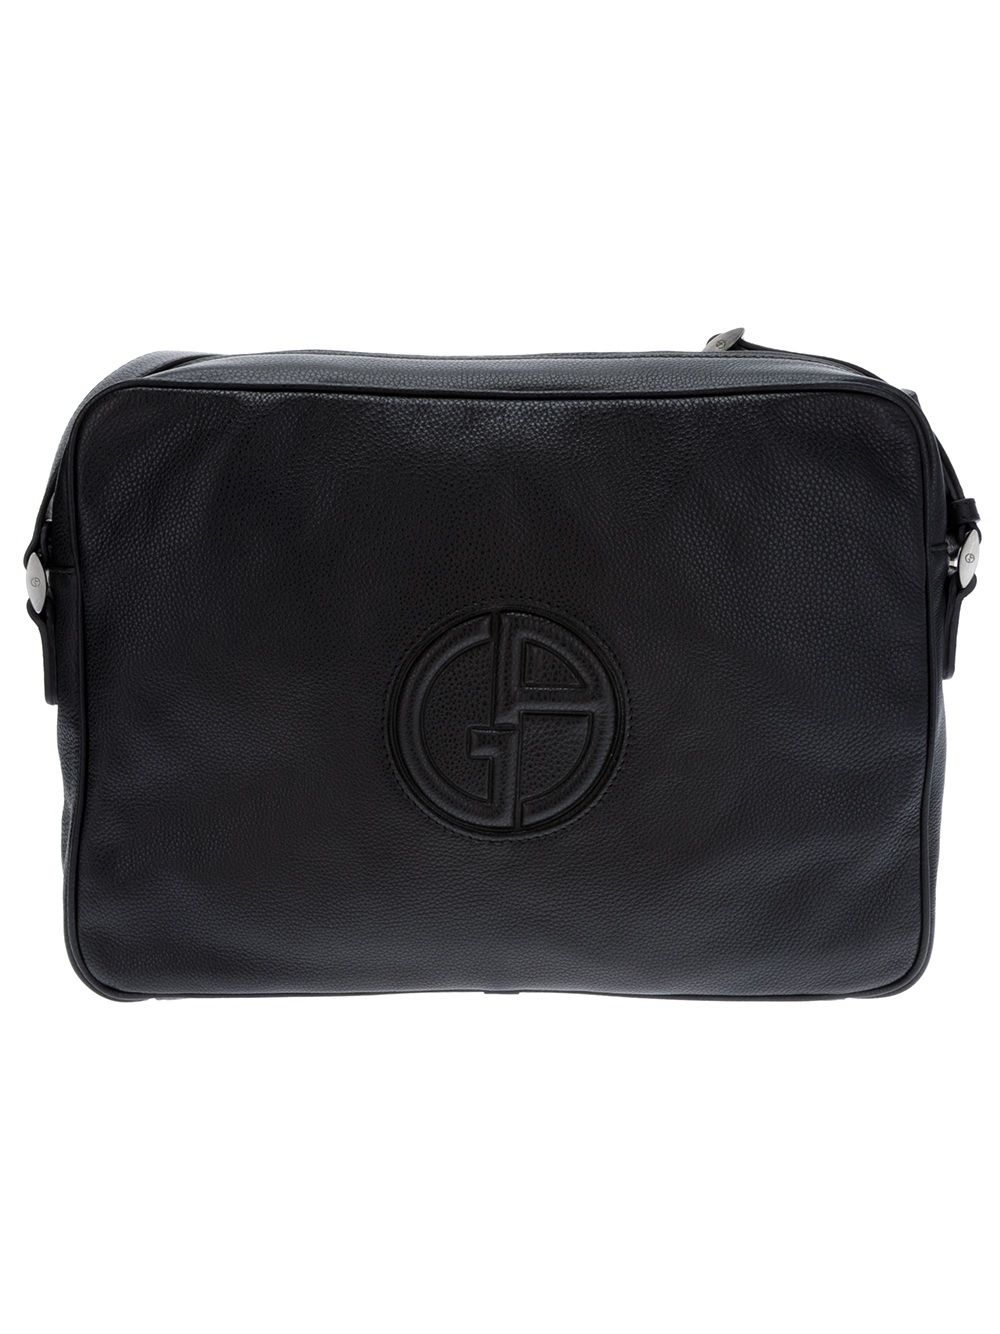 01691269f375 Giorgio Armani Leather messenger bag   GIORGIO ARMANI   Giorgio ...